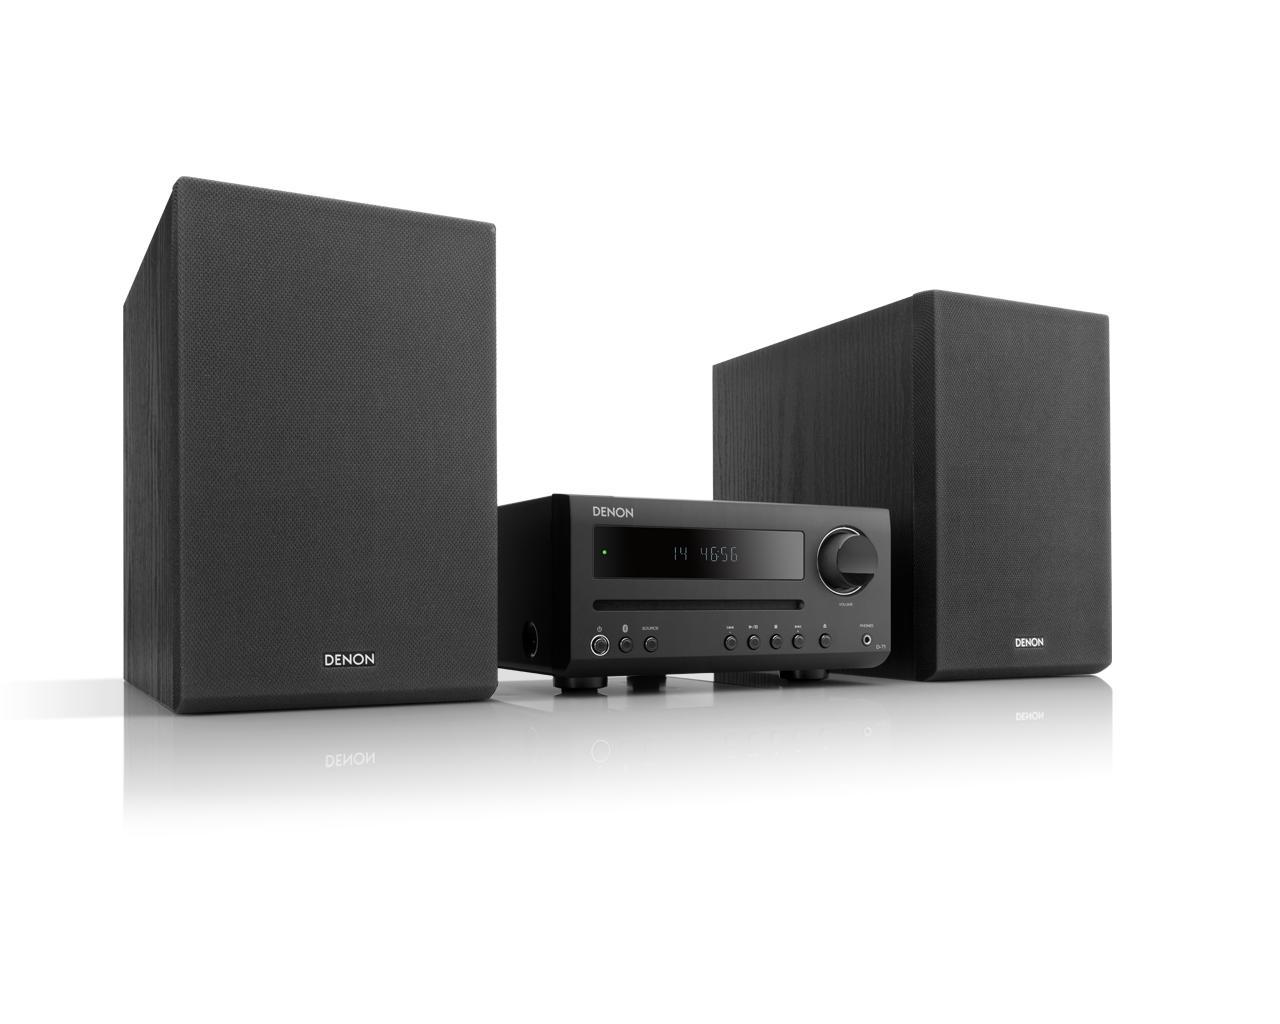 画像: Denon公式   D-T1の仕様・特長   CD レシーバーシステム